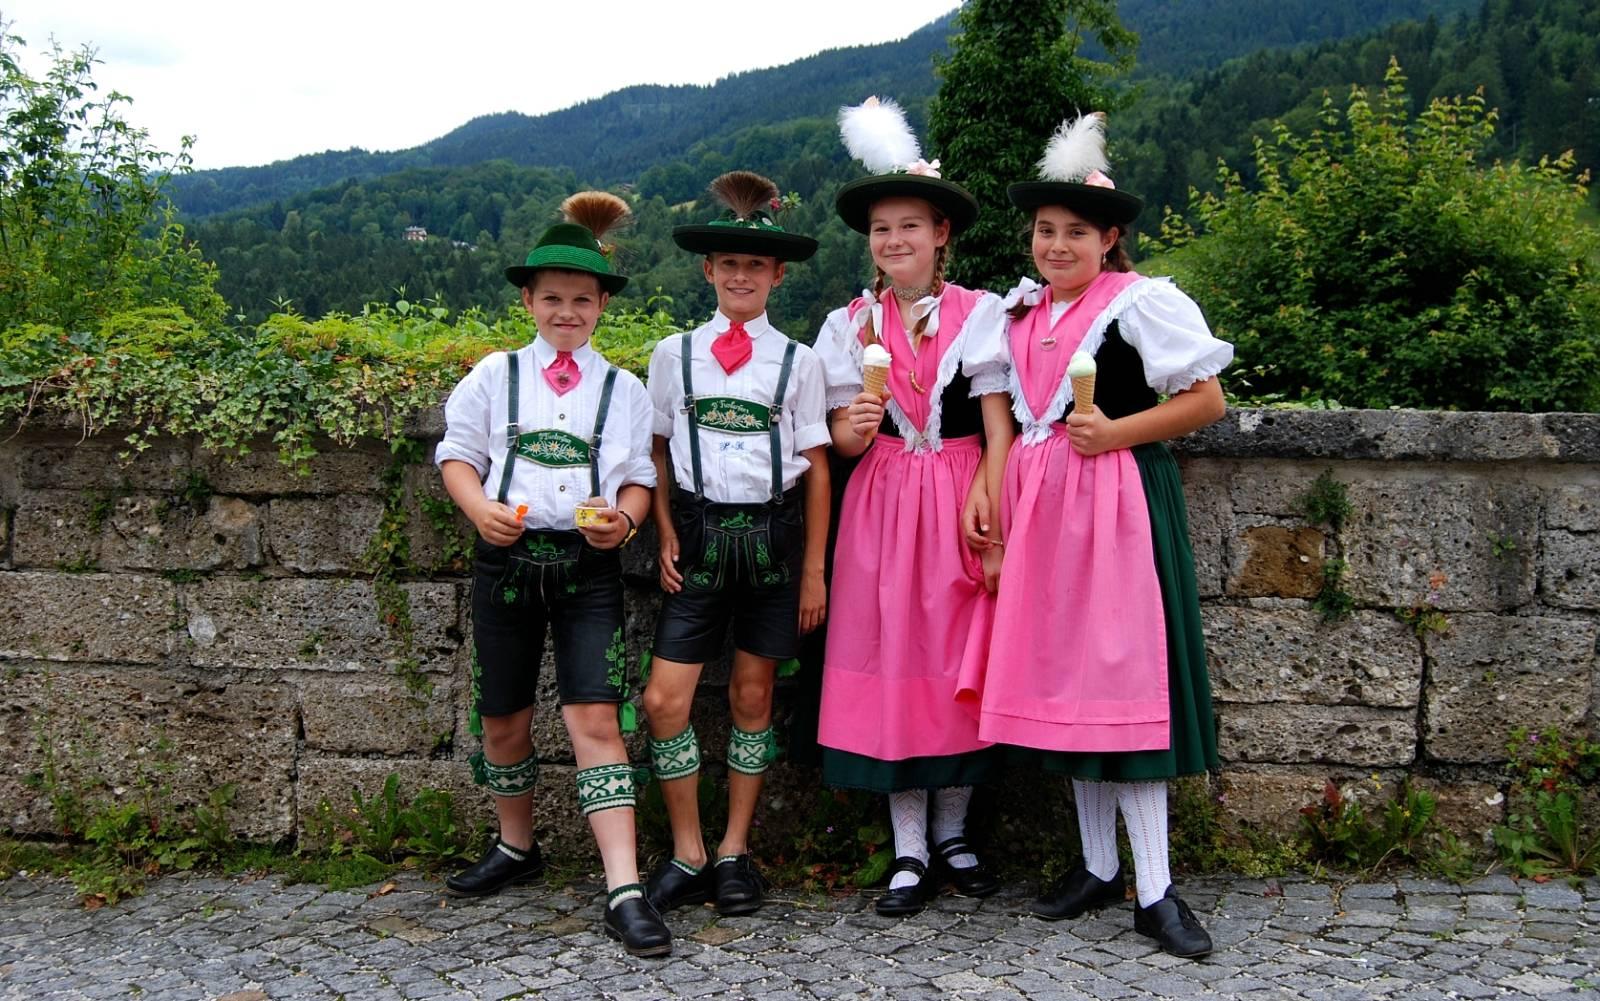 Австрийский вариант немецкого языка — википедия. что такое австрийский вариант немецкого языка